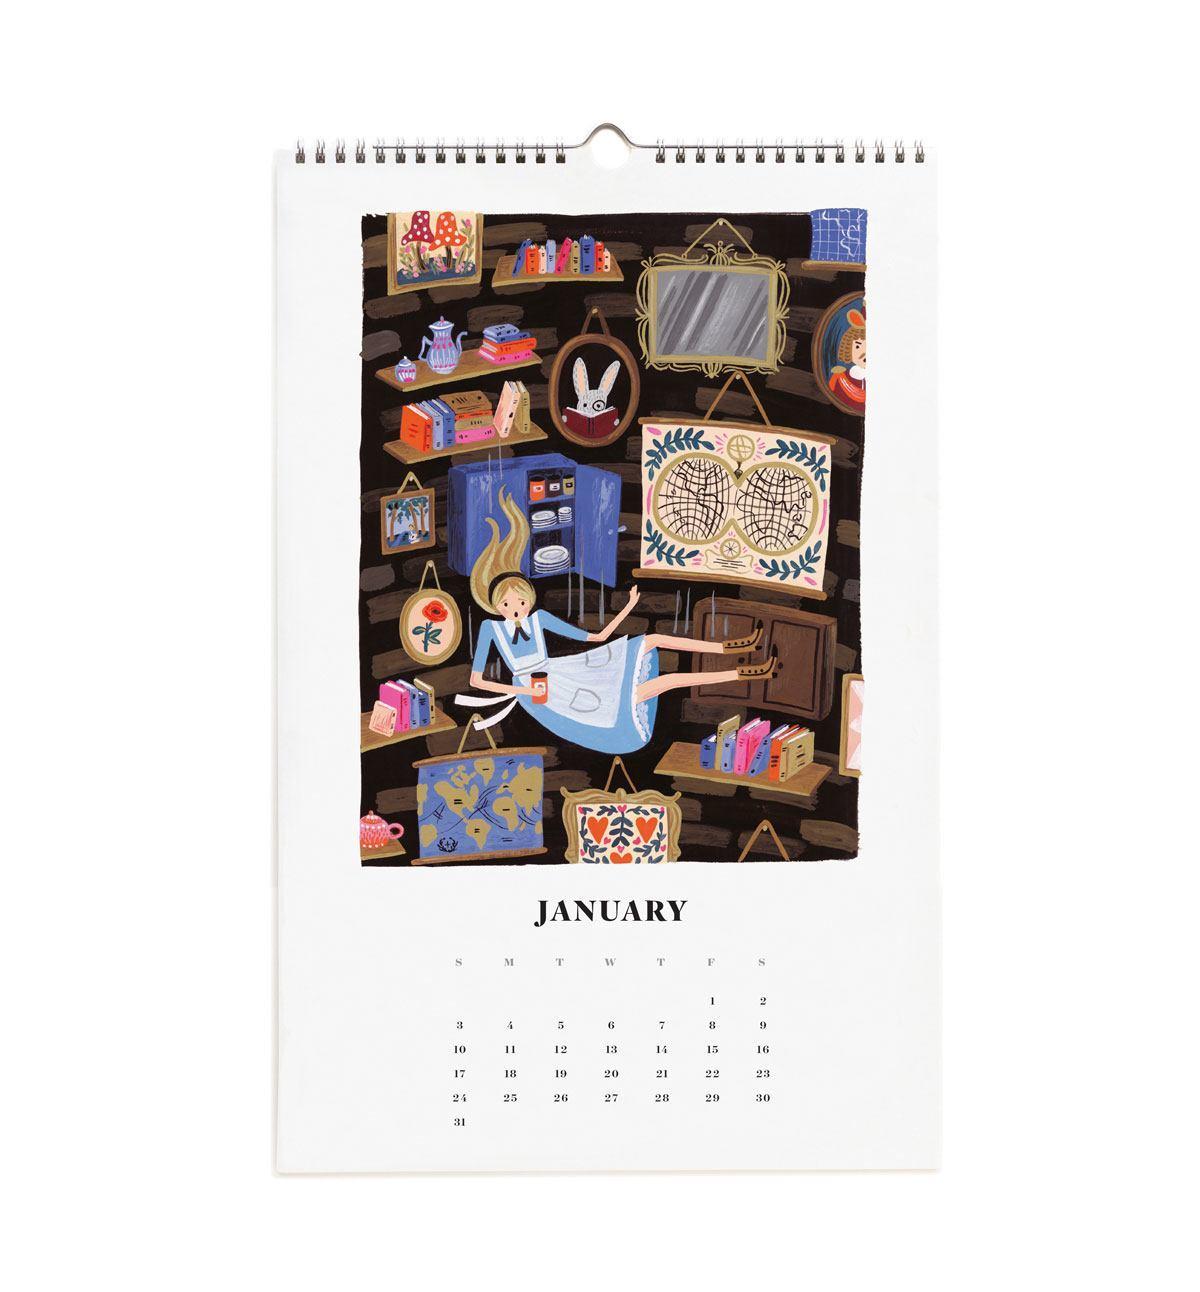 KR_Kalender_Design_CAL024-Alice-in-Wonderland-02-Jan